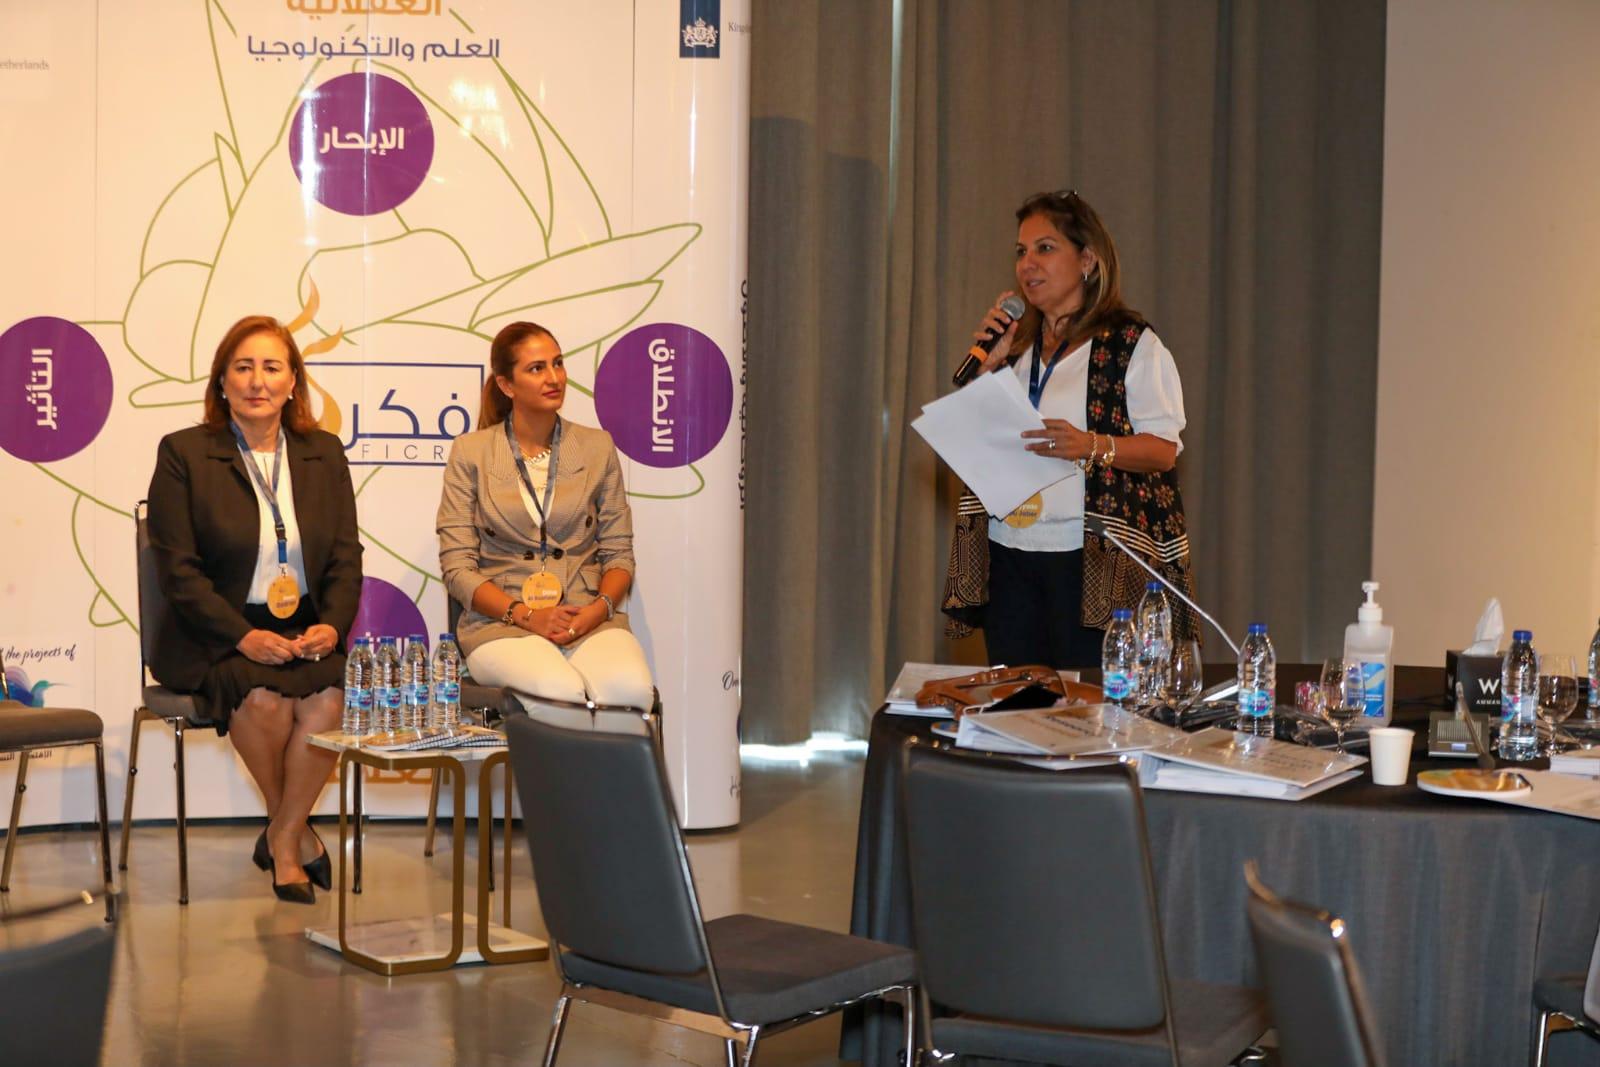 فكري يطلق برنامج الزمالة الثالث مع معهد بروكينغز  السفارة الهولندية